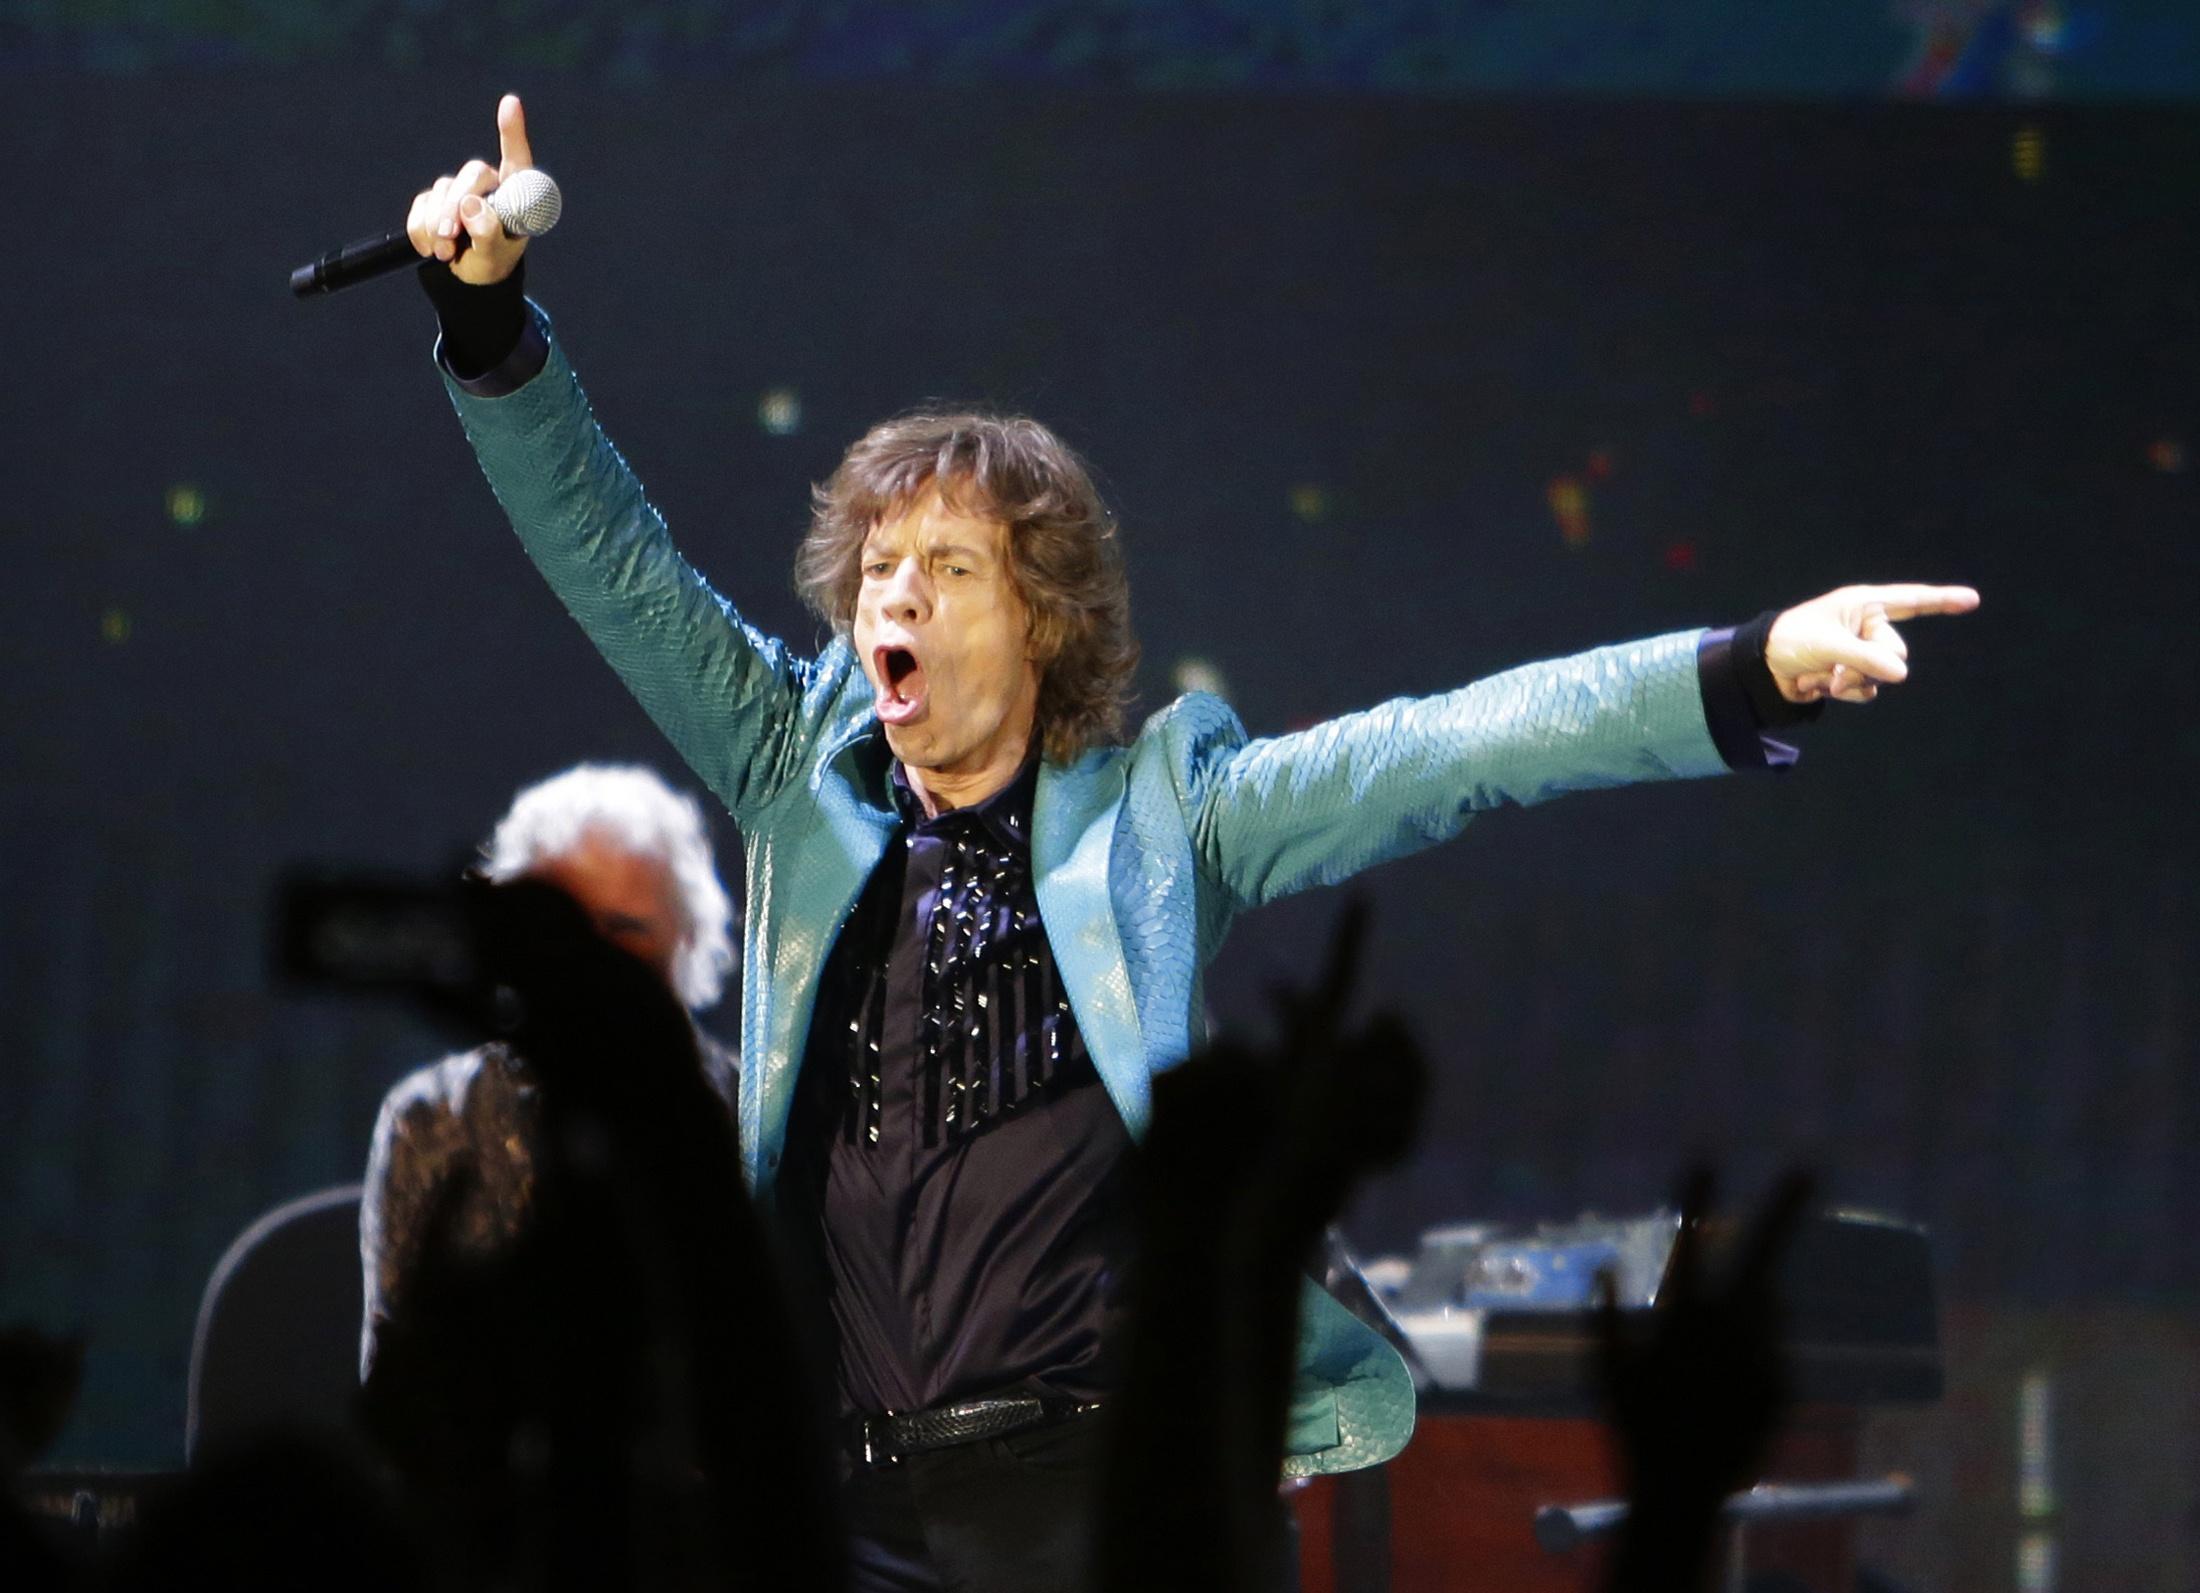 Mick Jagger, vocalista dos Rolling Stones, durante show ocorrido em Singapura, no último dia 15 de março | Tim Chong/Reuters